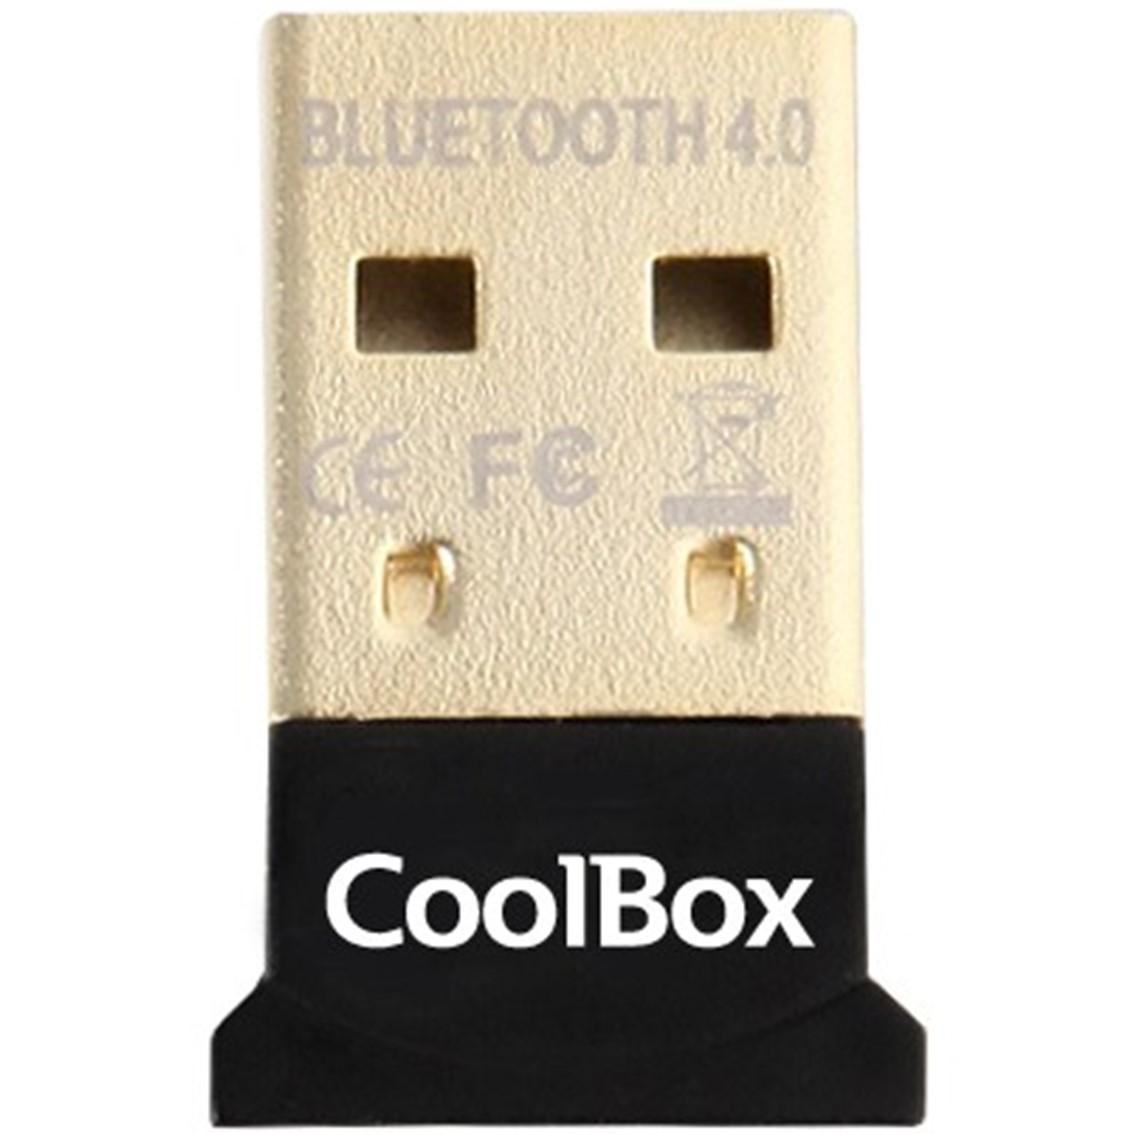 CoolBox adaptador bluetooth USB mini 4,0